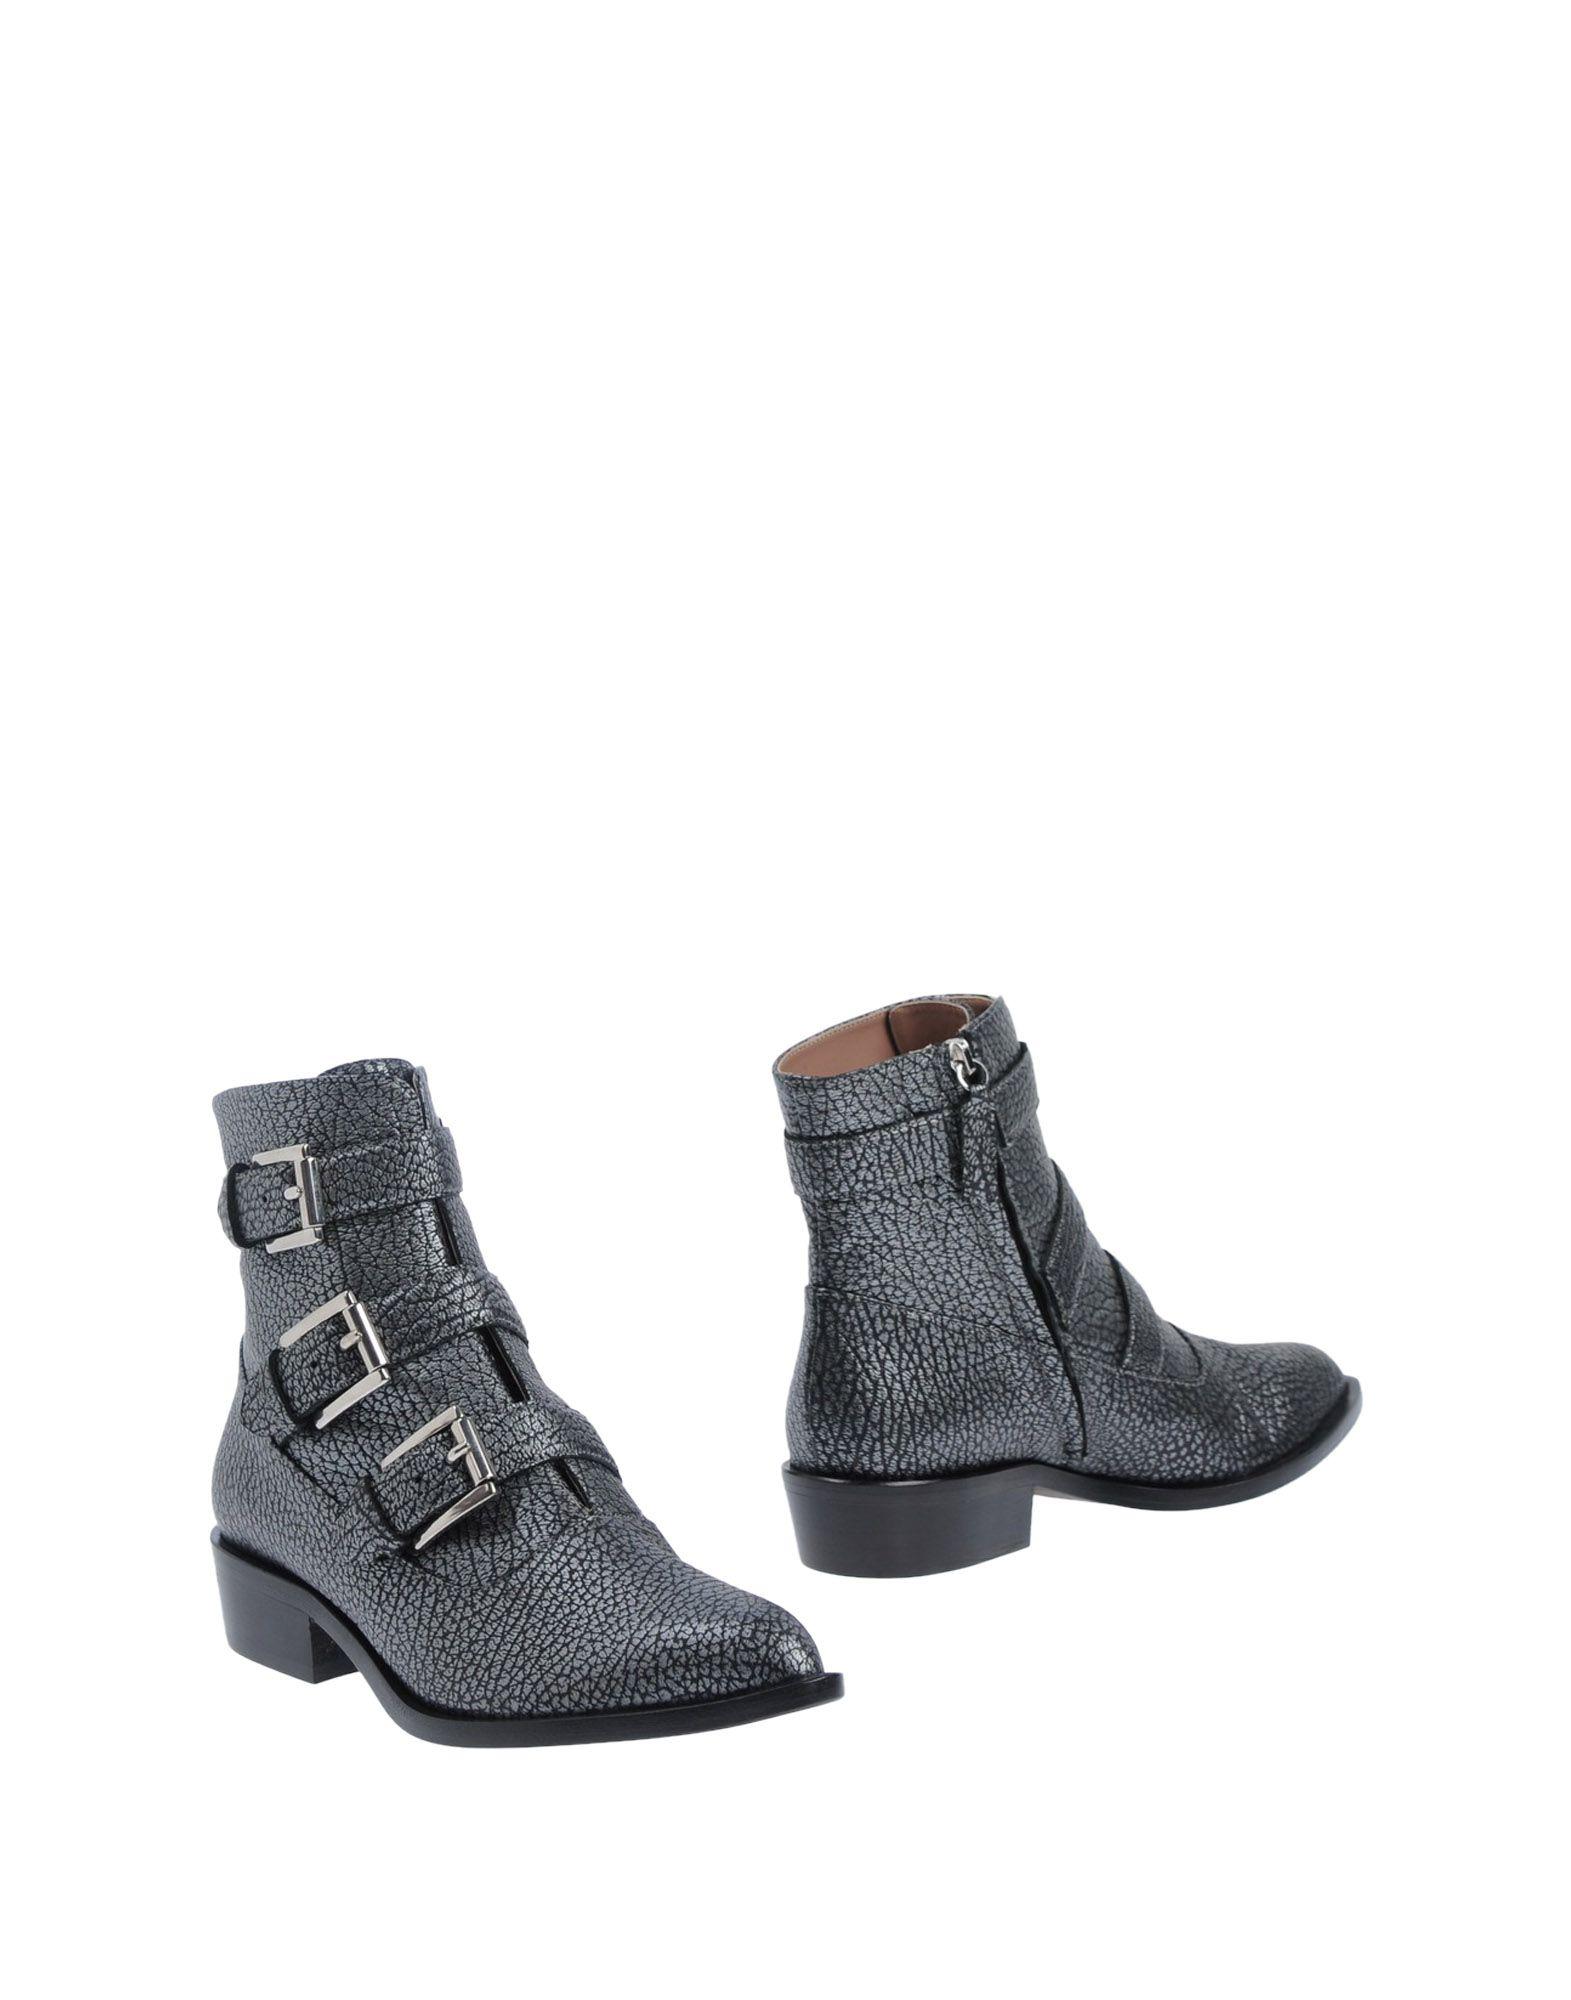 Rabatt Schuhe Gianna Damen Meliani Stiefelette Damen Gianna  11507253RQ 4396c4